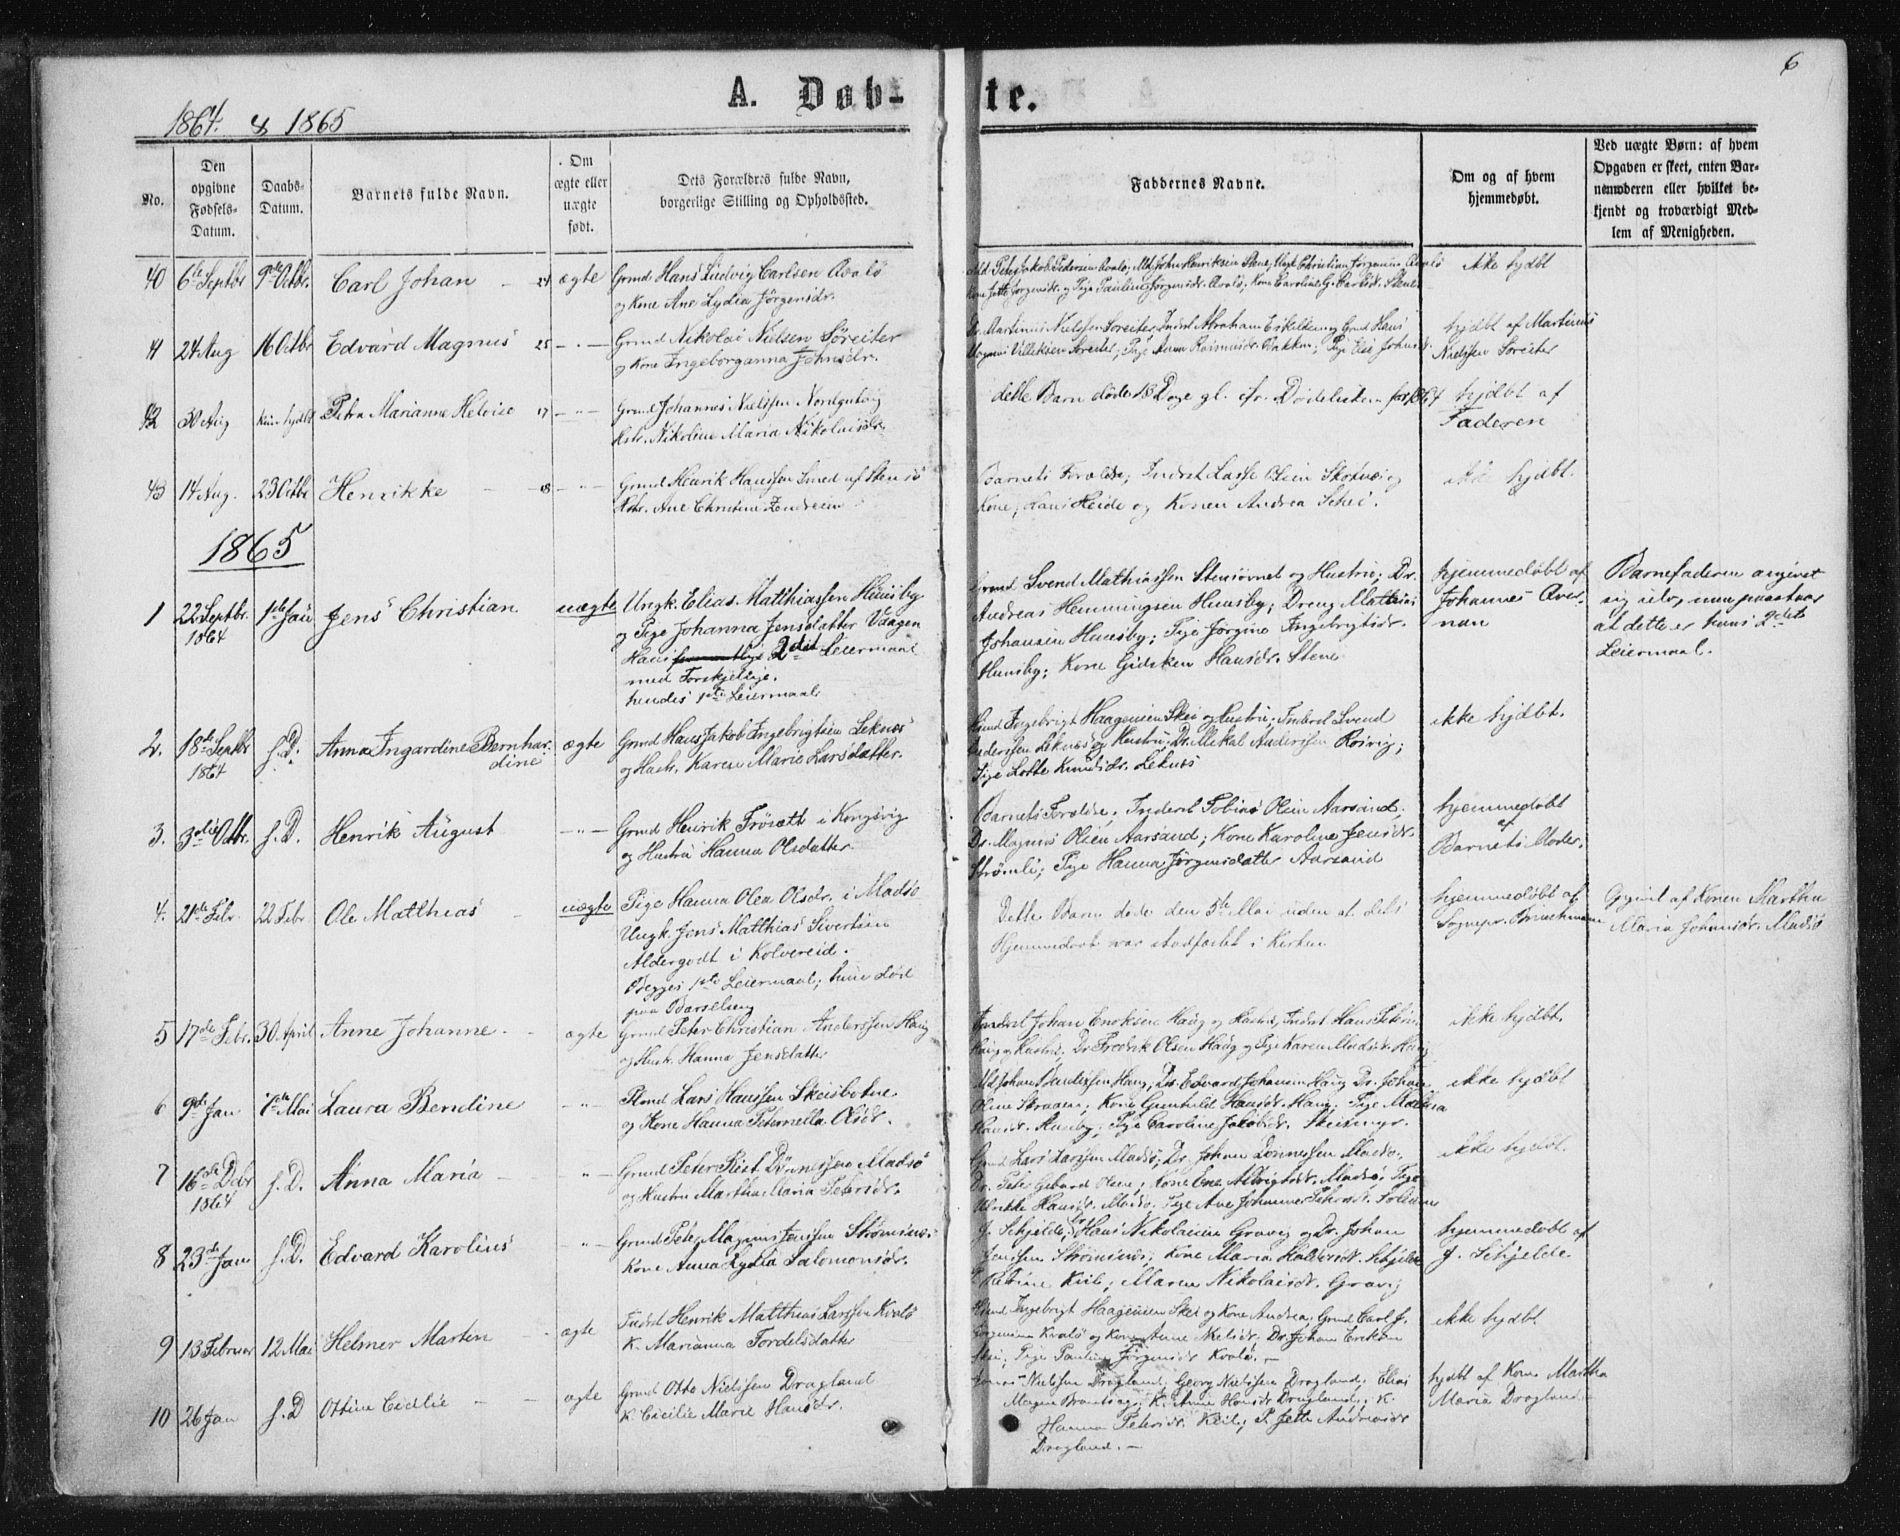 SAT, Ministerialprotokoller, klokkerbøker og fødselsregistre - Nord-Trøndelag, 788/L0696: Ministerialbok nr. 788A03, 1863-1877, s. 6